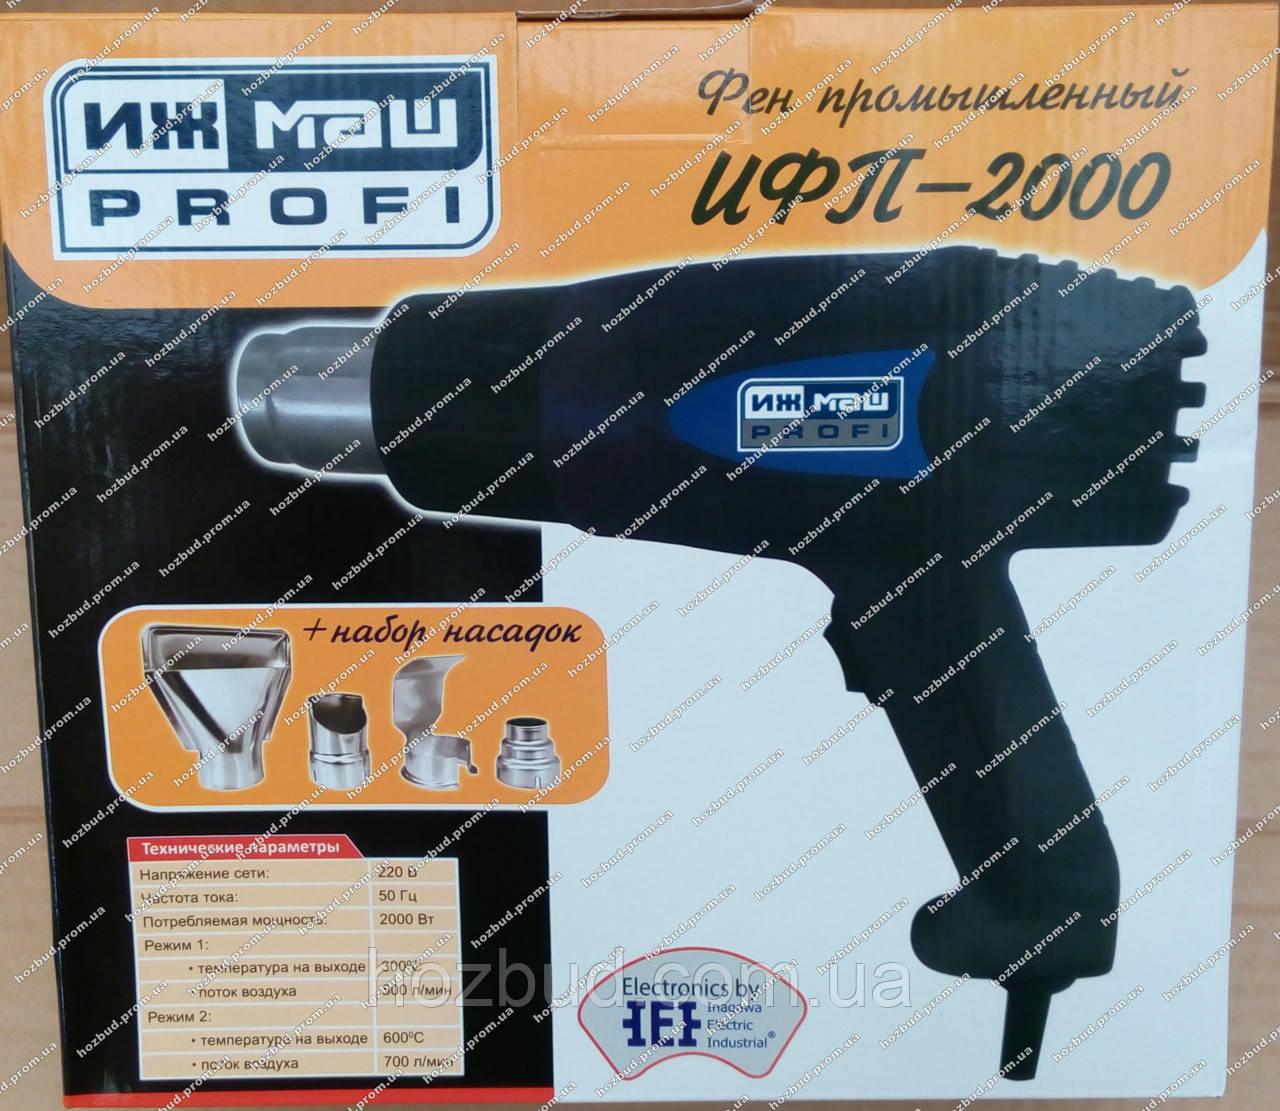 Фен промышленный Ижмаш ИФП - 2000